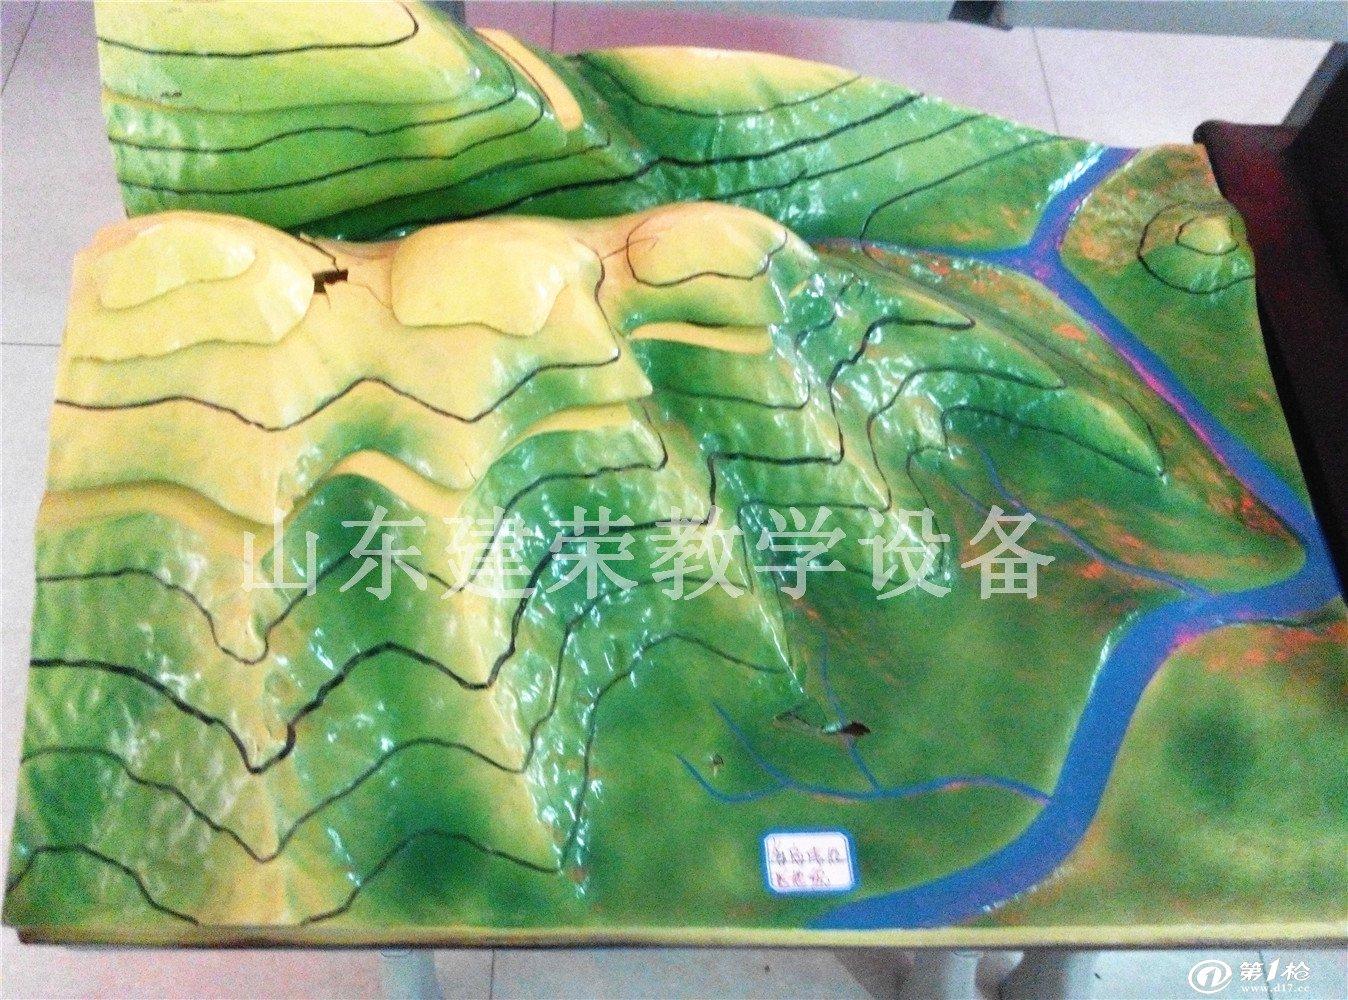 等高线地貌地形地理教学器材地理教室十八种地貌模型